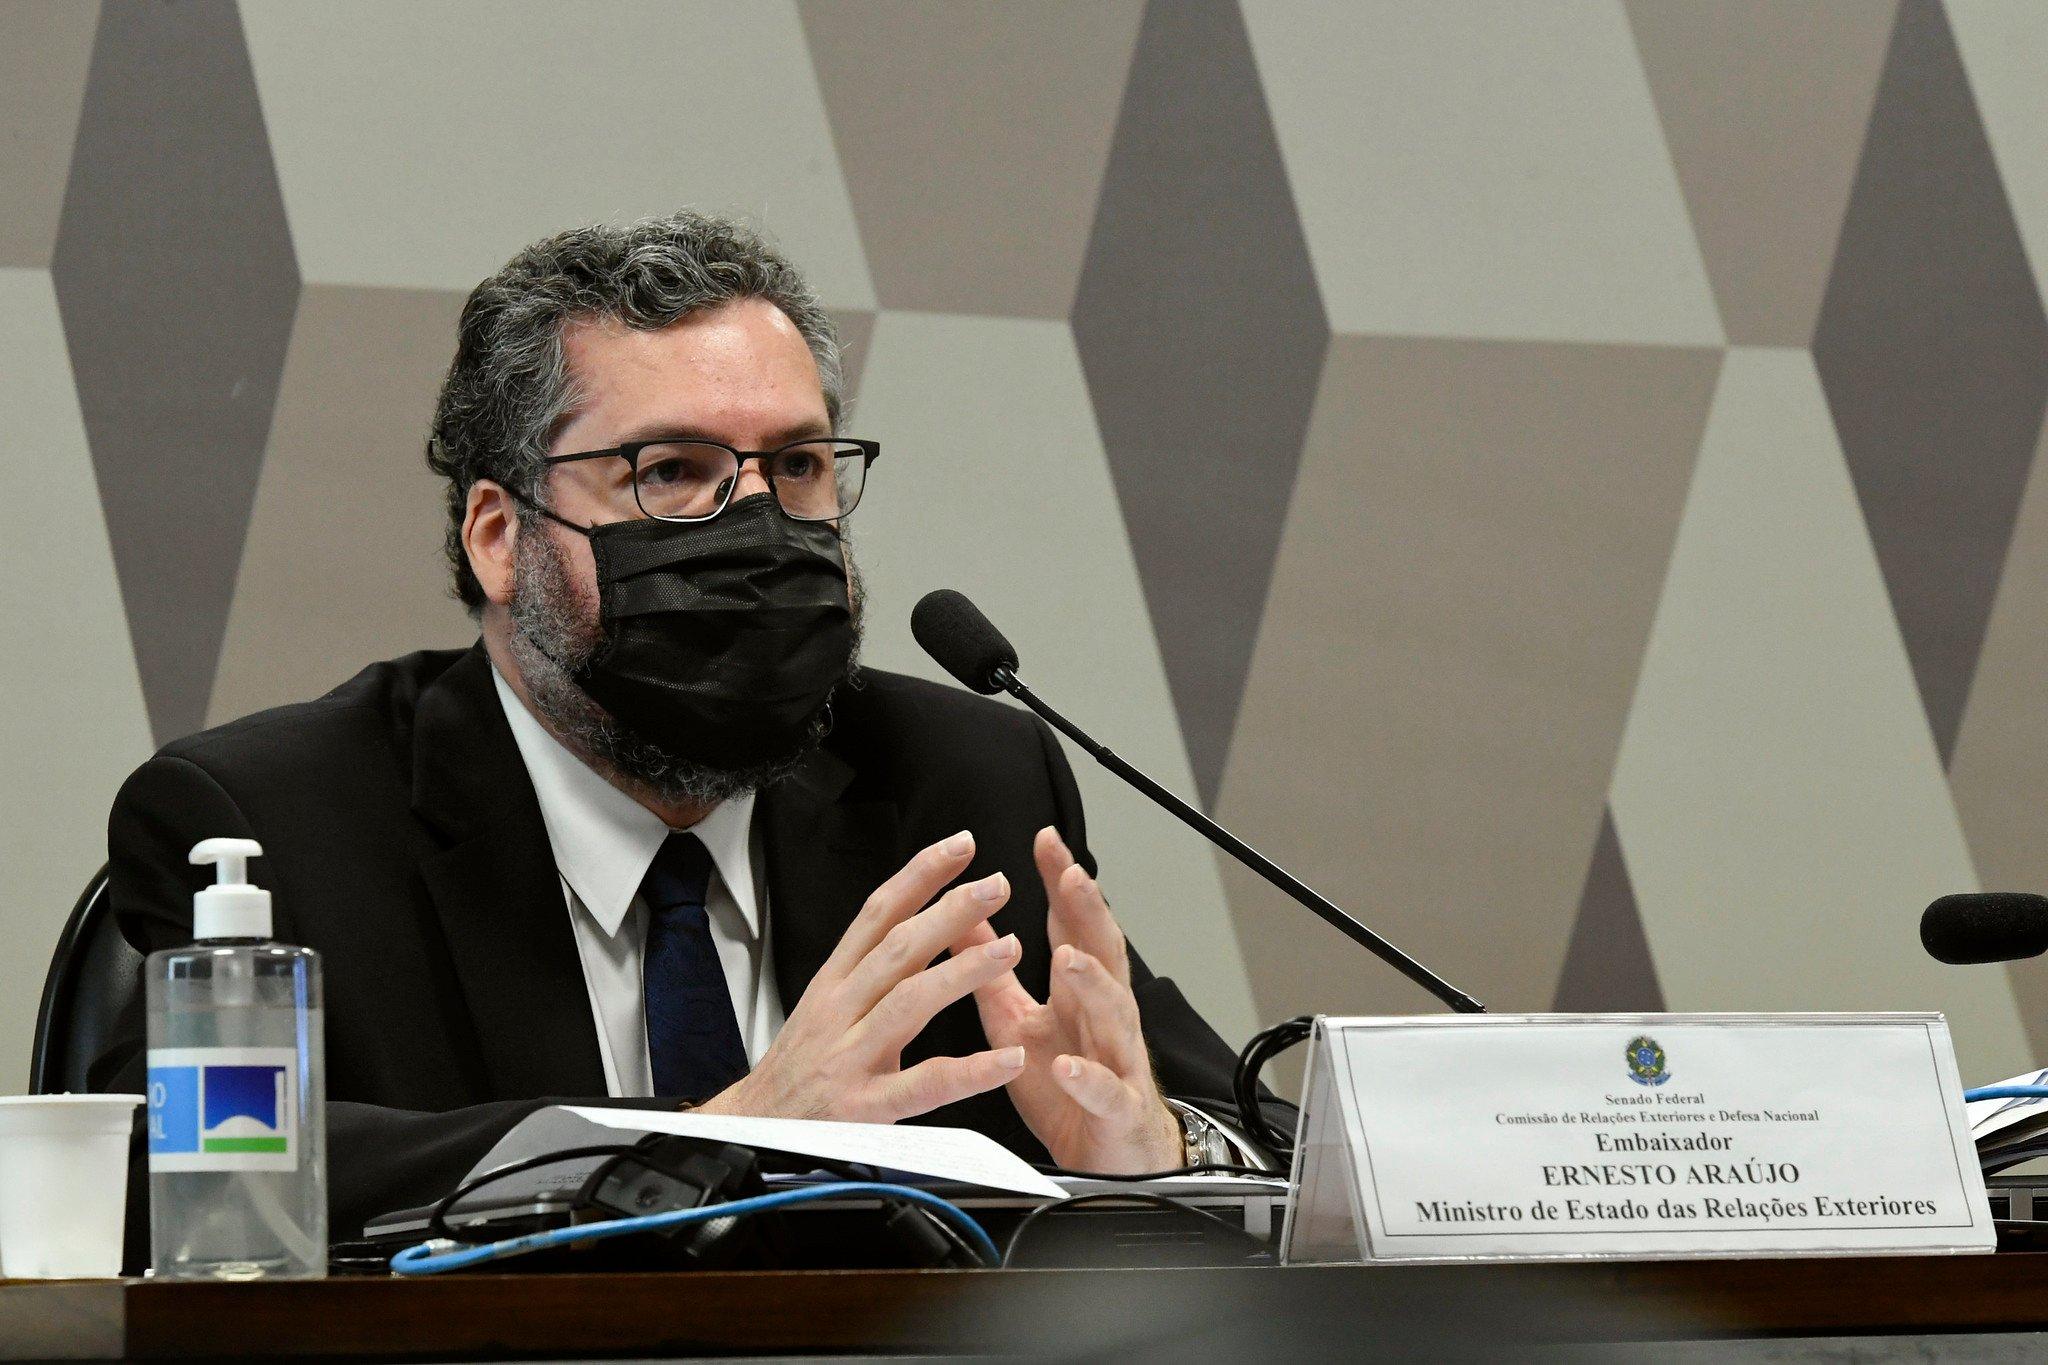 Mudança da embaixada brasileira para Jerusalém ainda está em estudo, diz Ernesto Araújo